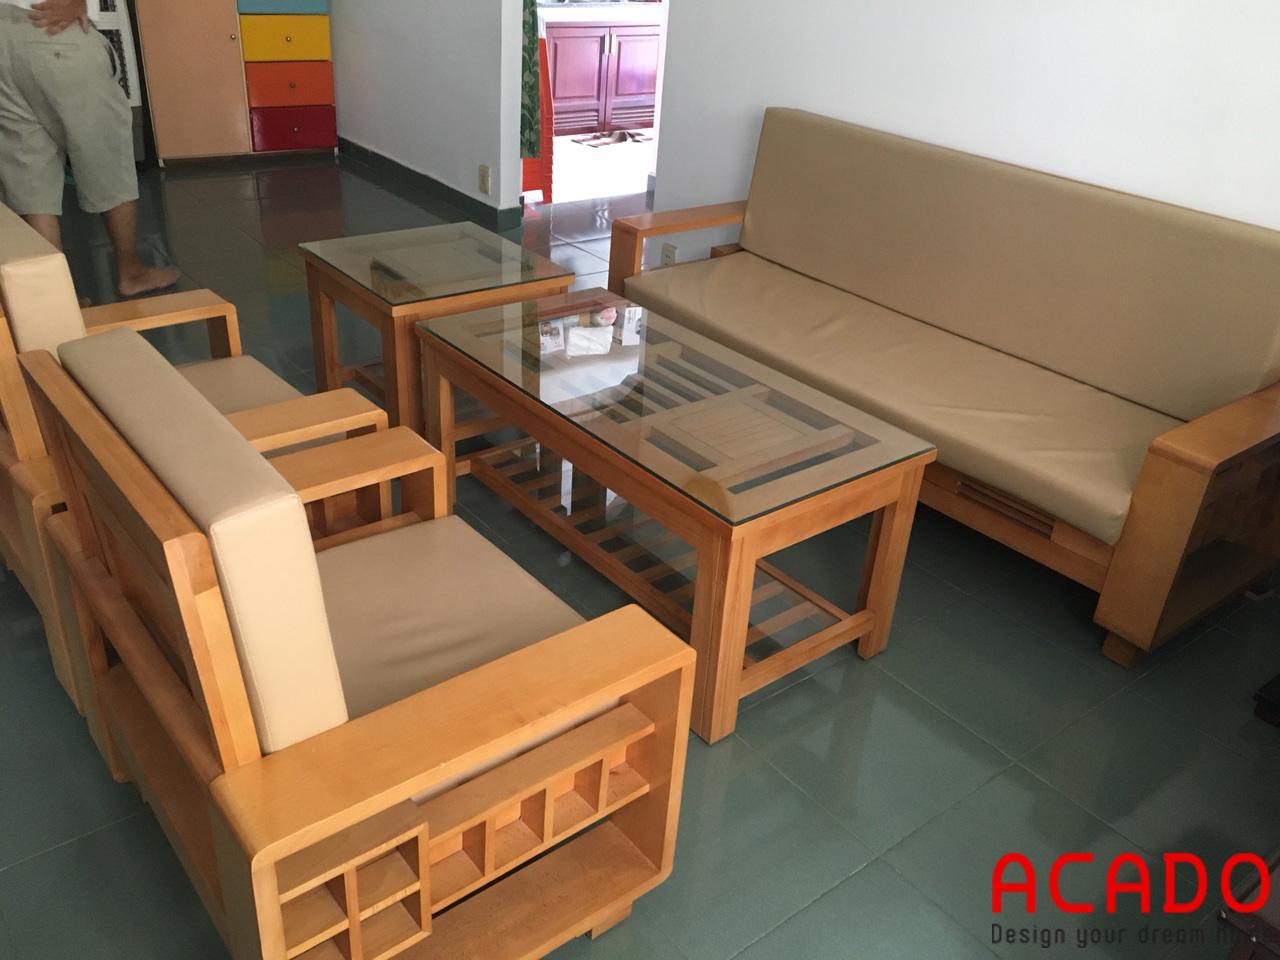 Sofa được làm từ gỗ sồi Nga có thêm đệm nỉ- nội tất Acado